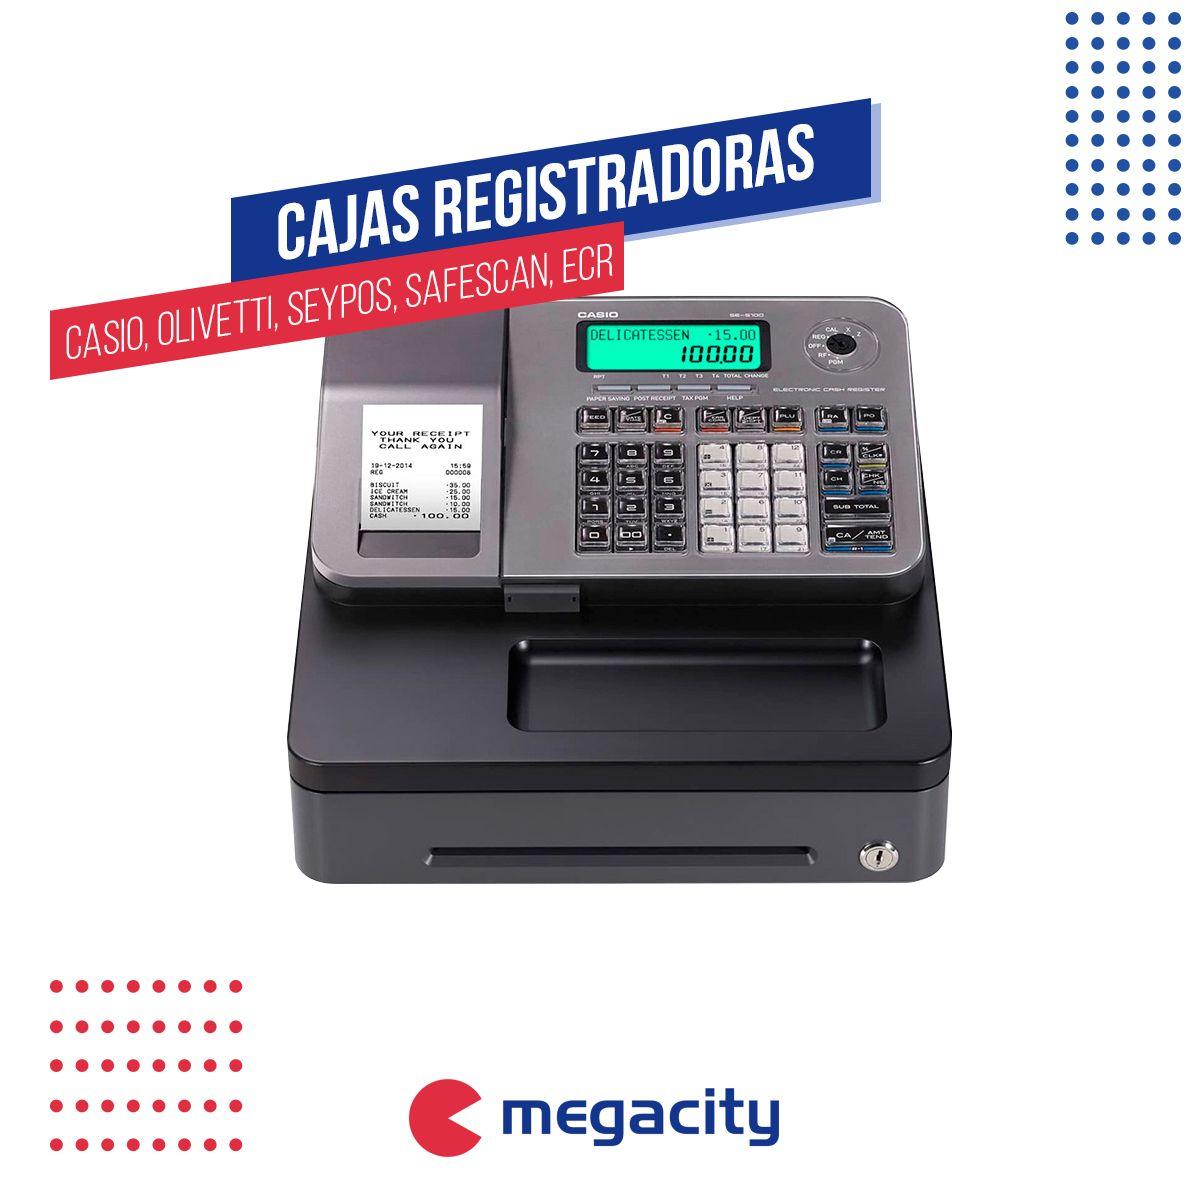 Megacity mejora la contabilidad de las pymes con las cajas registradoras más seguras del mercado